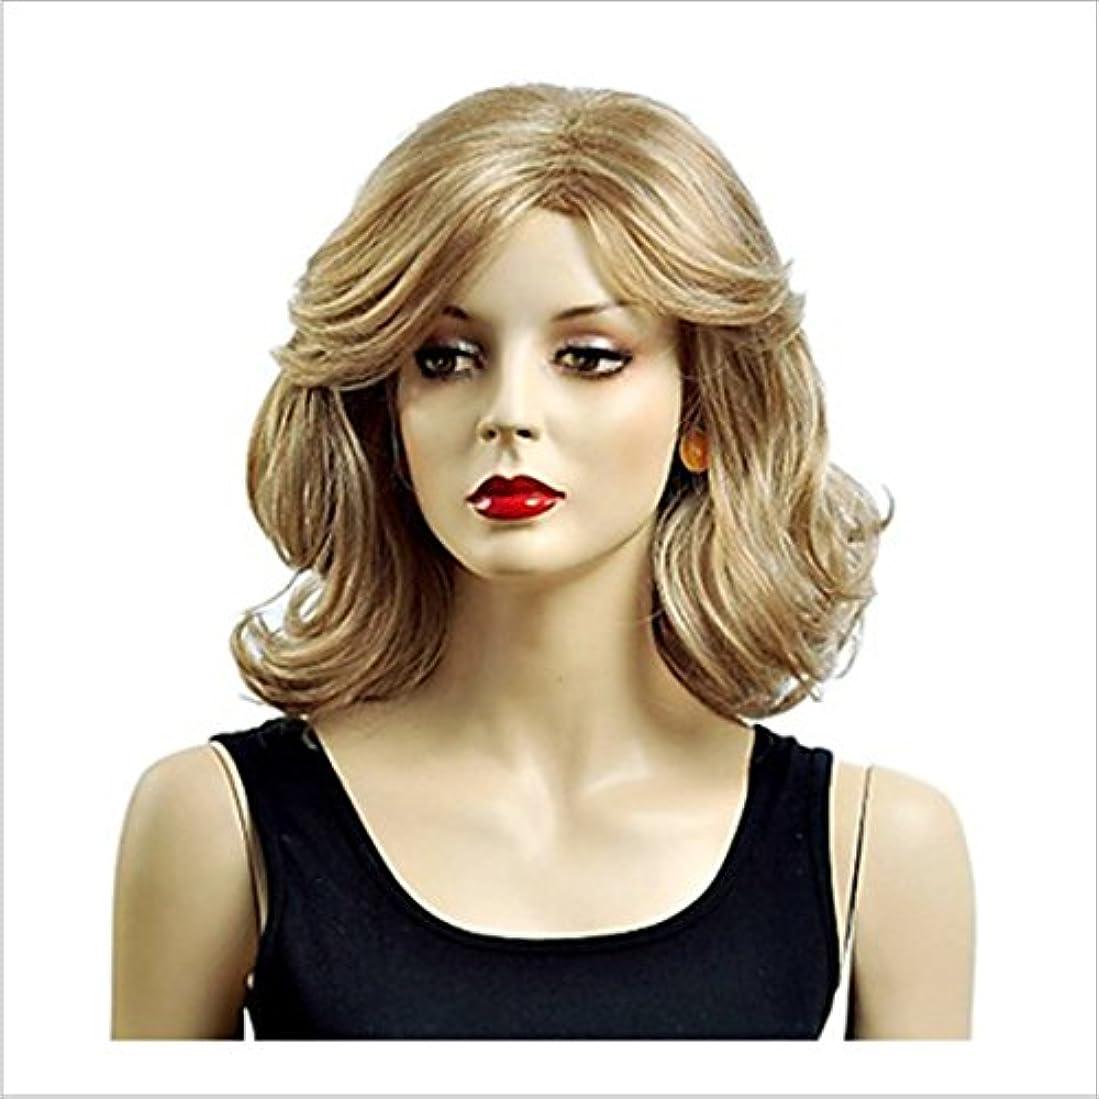 外観砲撃染色YOUQIU スプリット前髪16で耐性ホワイトゴールドの女性のカーリーウィッグショートふわふわ波状人工毛自然なカーリーウィッグデイリーウィッグ耐熱ウィッグのために「」180グラム(ゴールド)ウィッグ (色 : ゴールド)